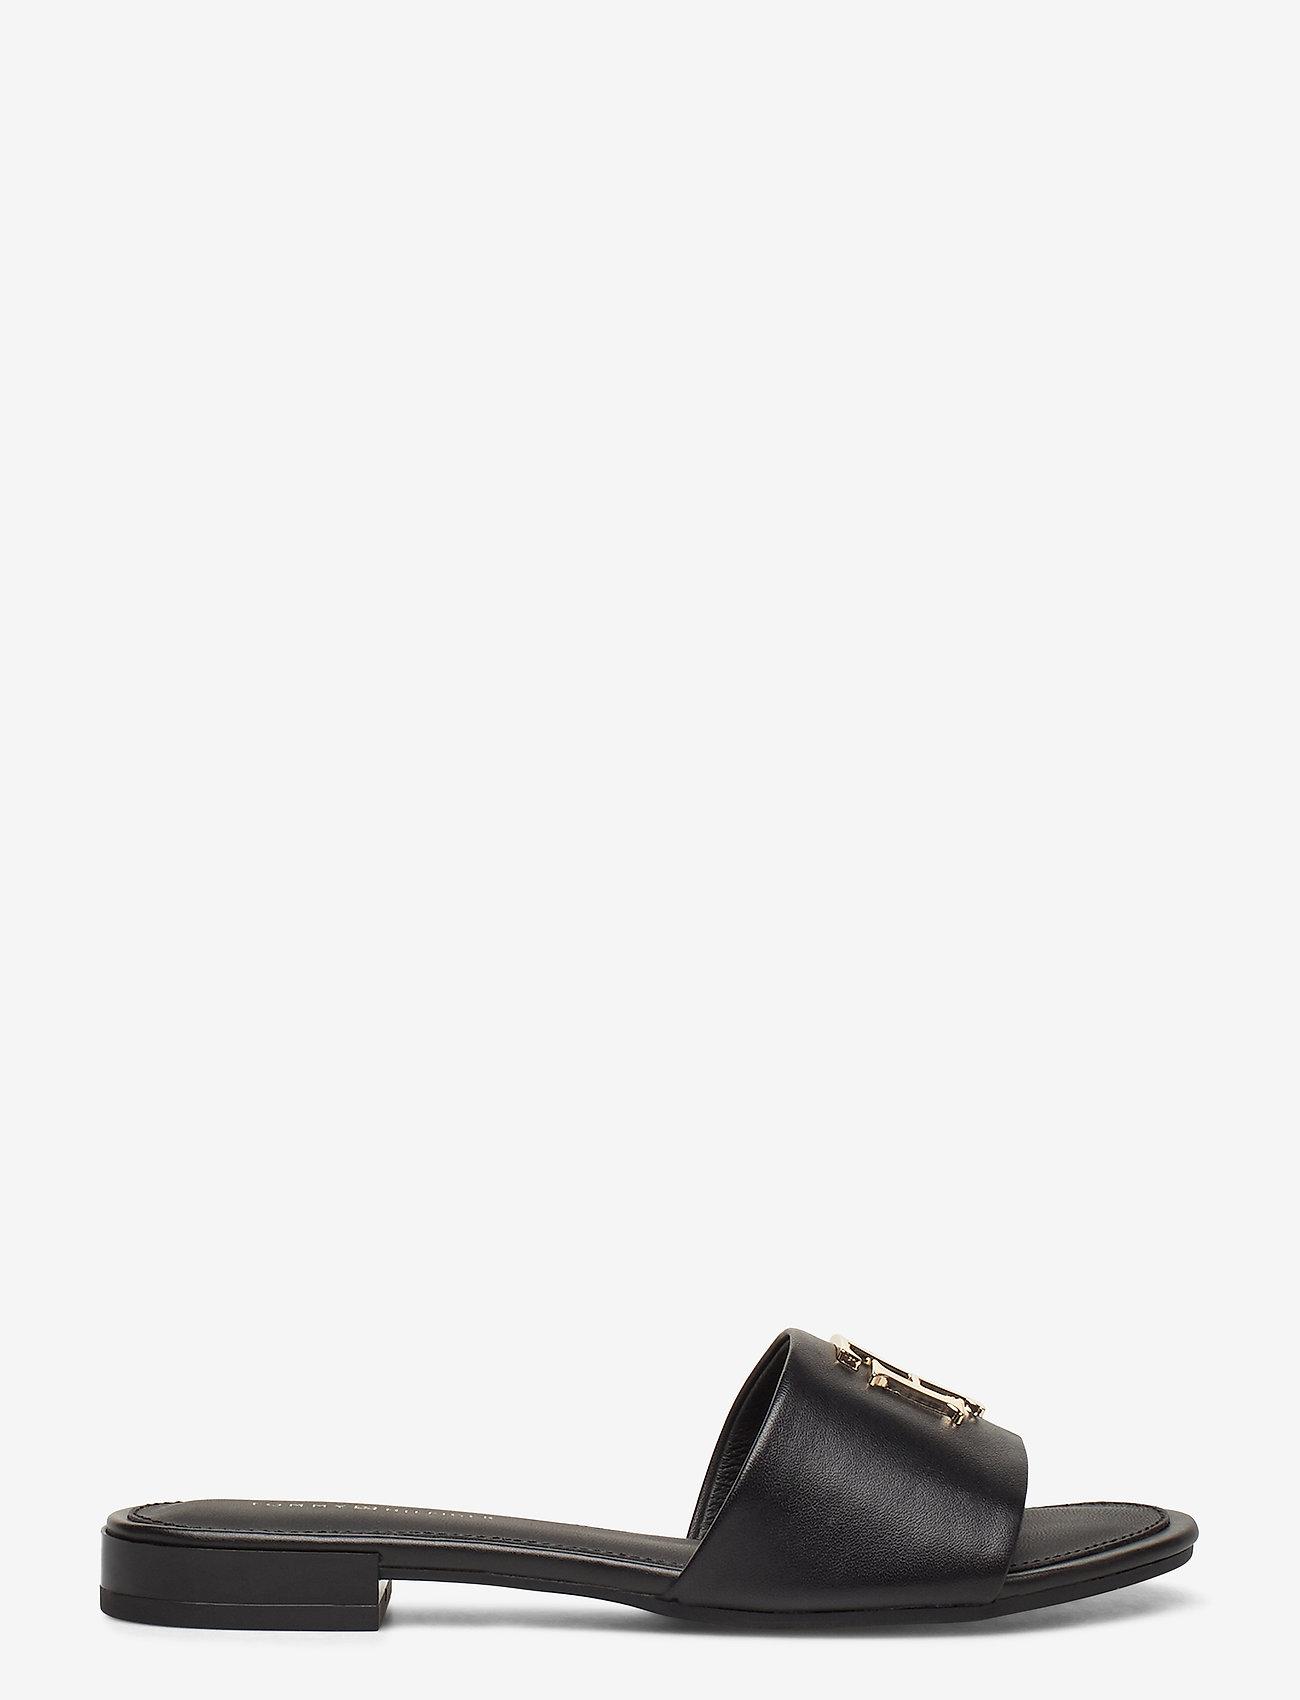 Tommy Hilfiger - TH HARDWARE FLAT MULE - flade sandaler - black - 1